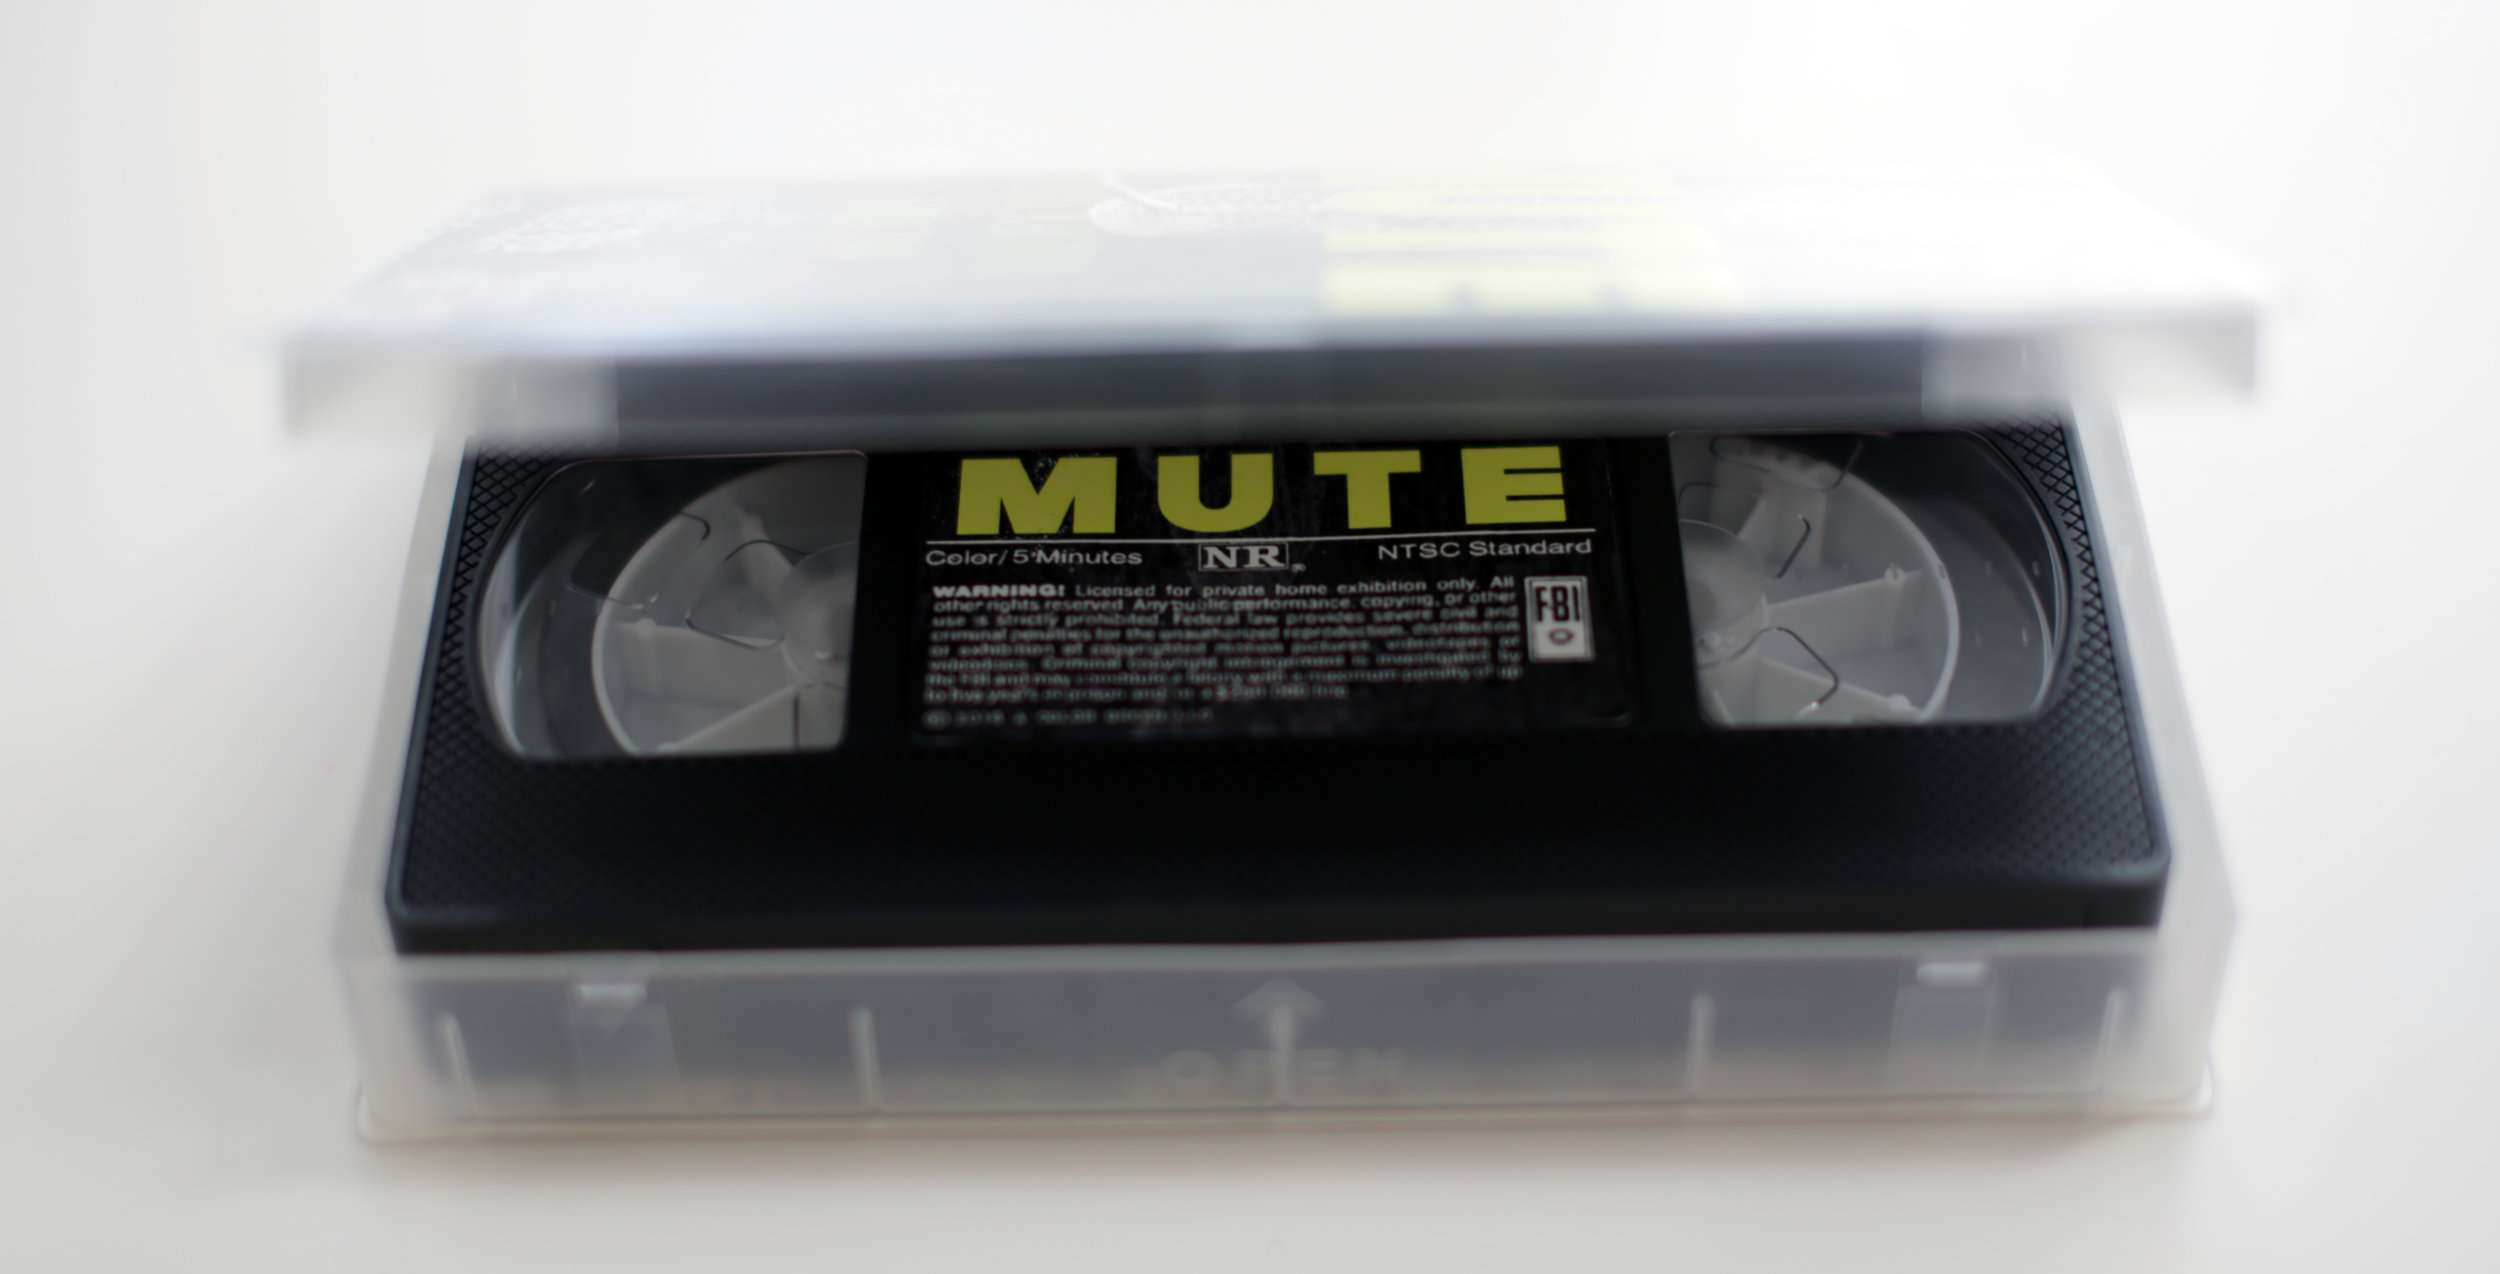 MUTE_INTERIOR.jpg